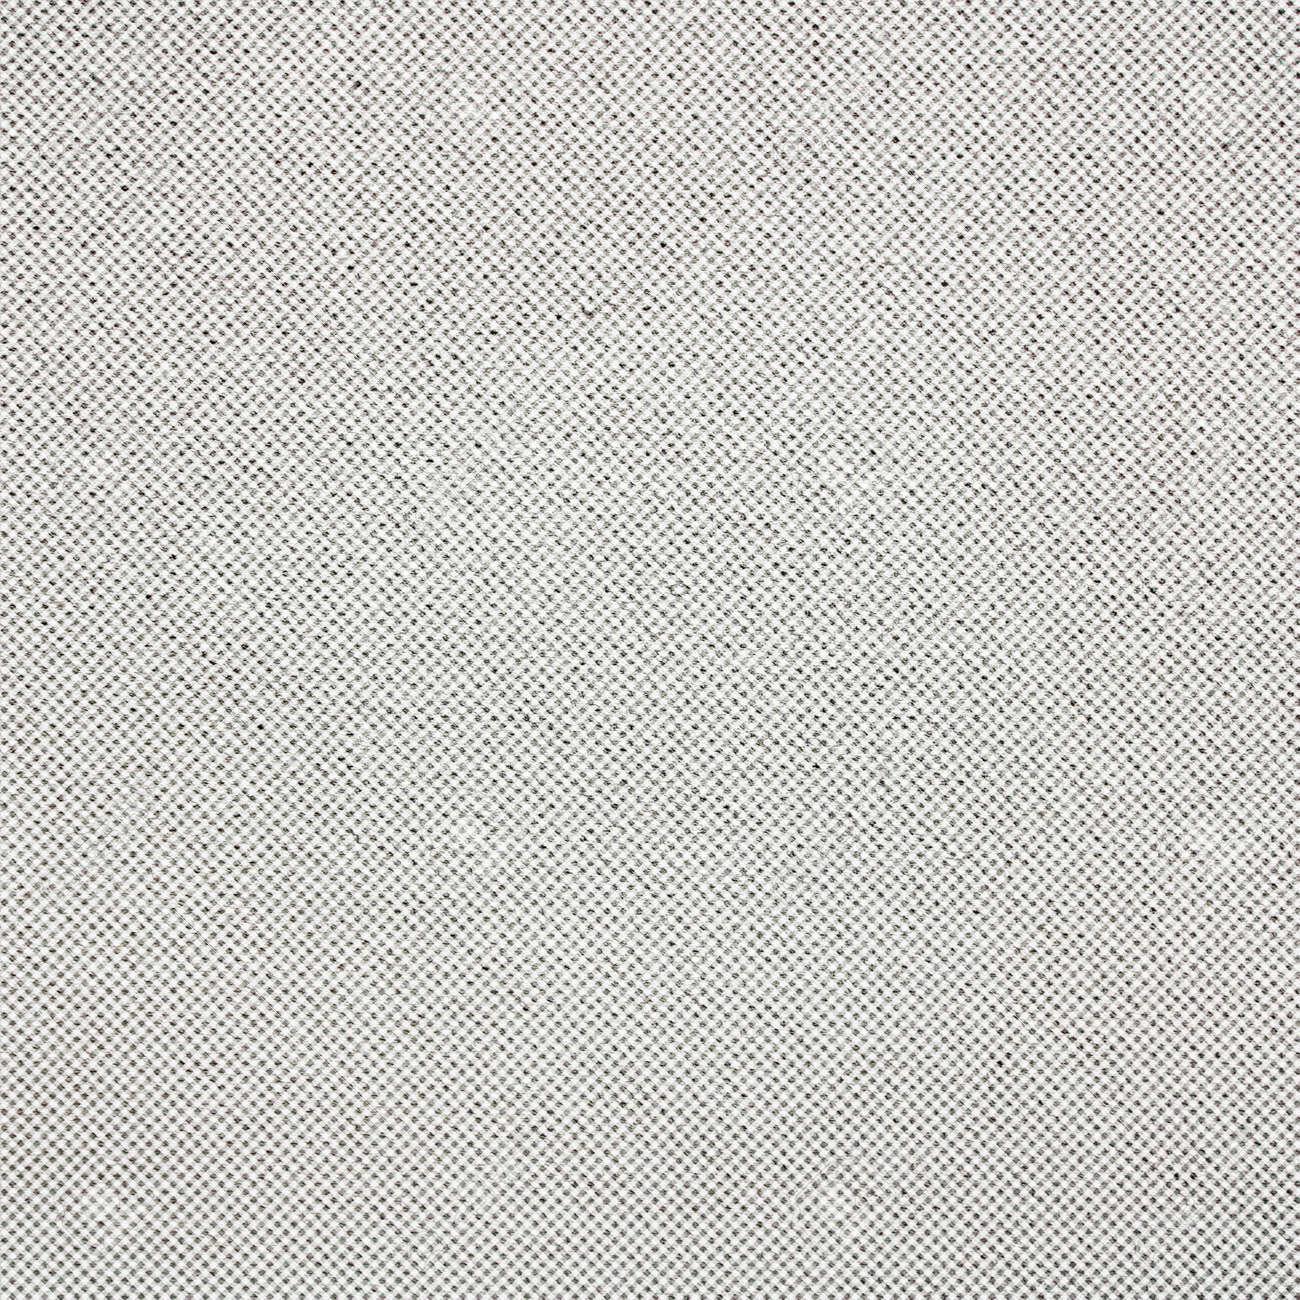 white linen texture background wirh grid pattern Stock Photo - 16296279